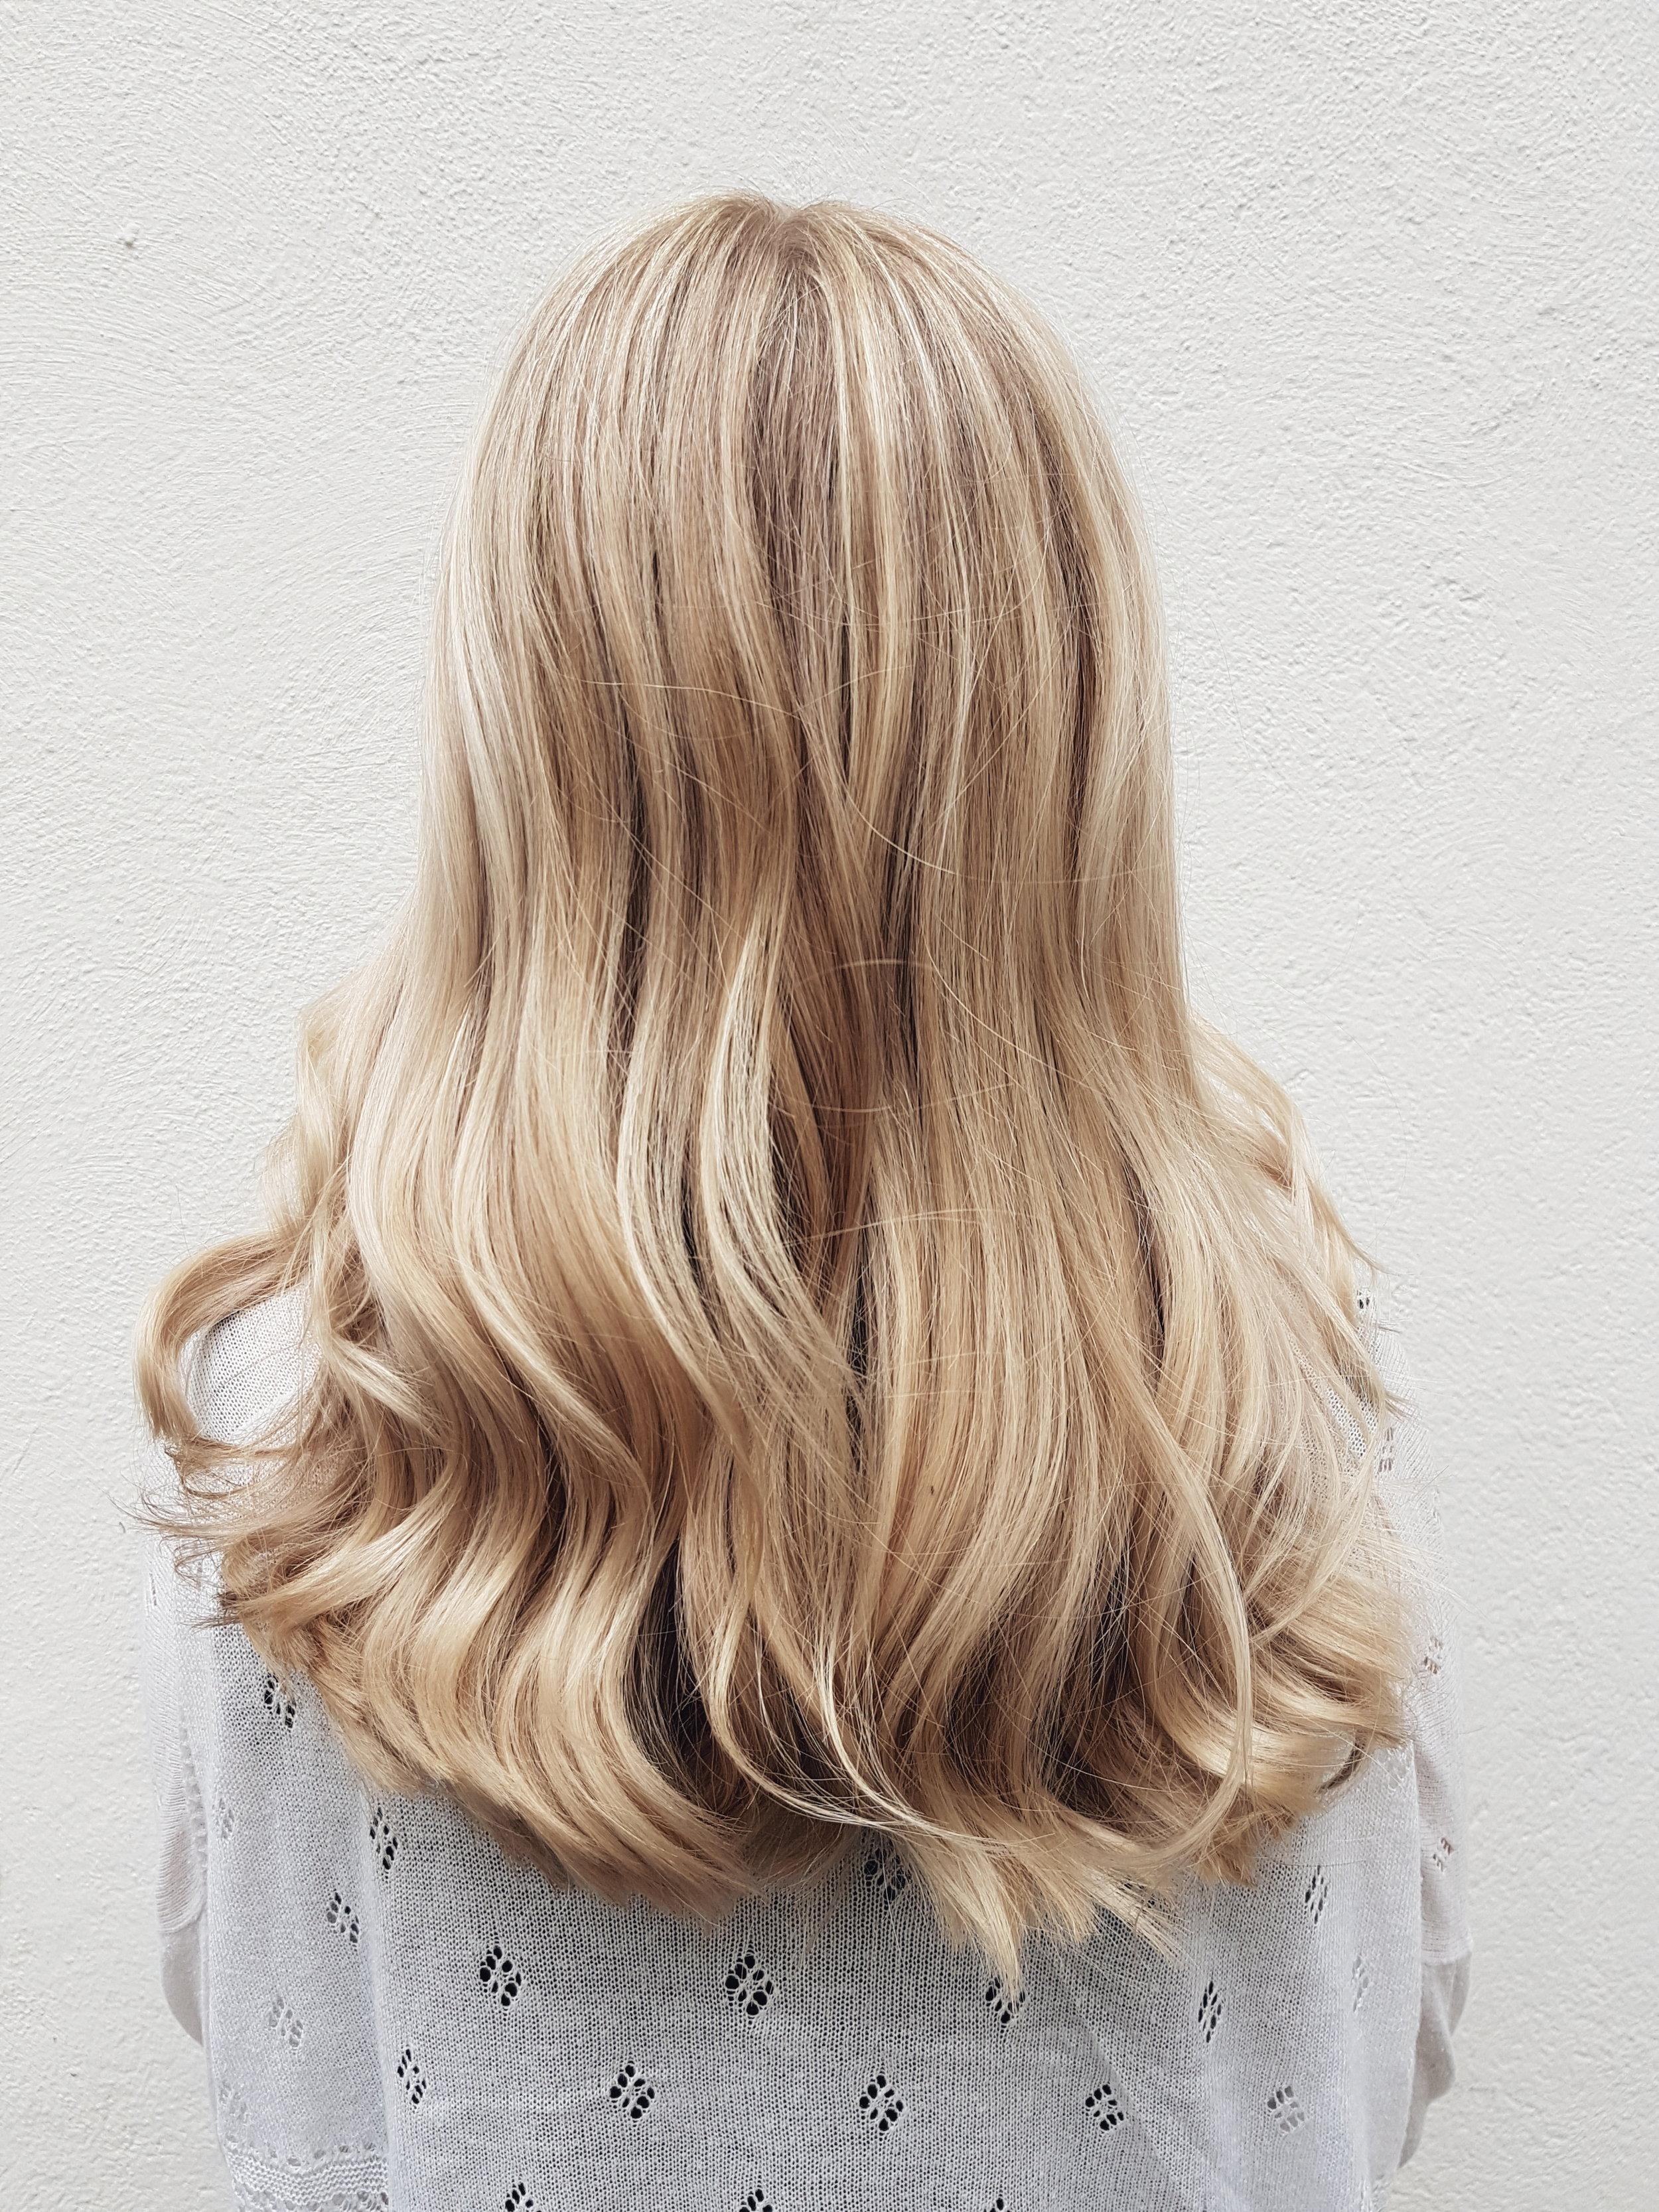 Hair and photos by Susanna Poméll Model: Kati